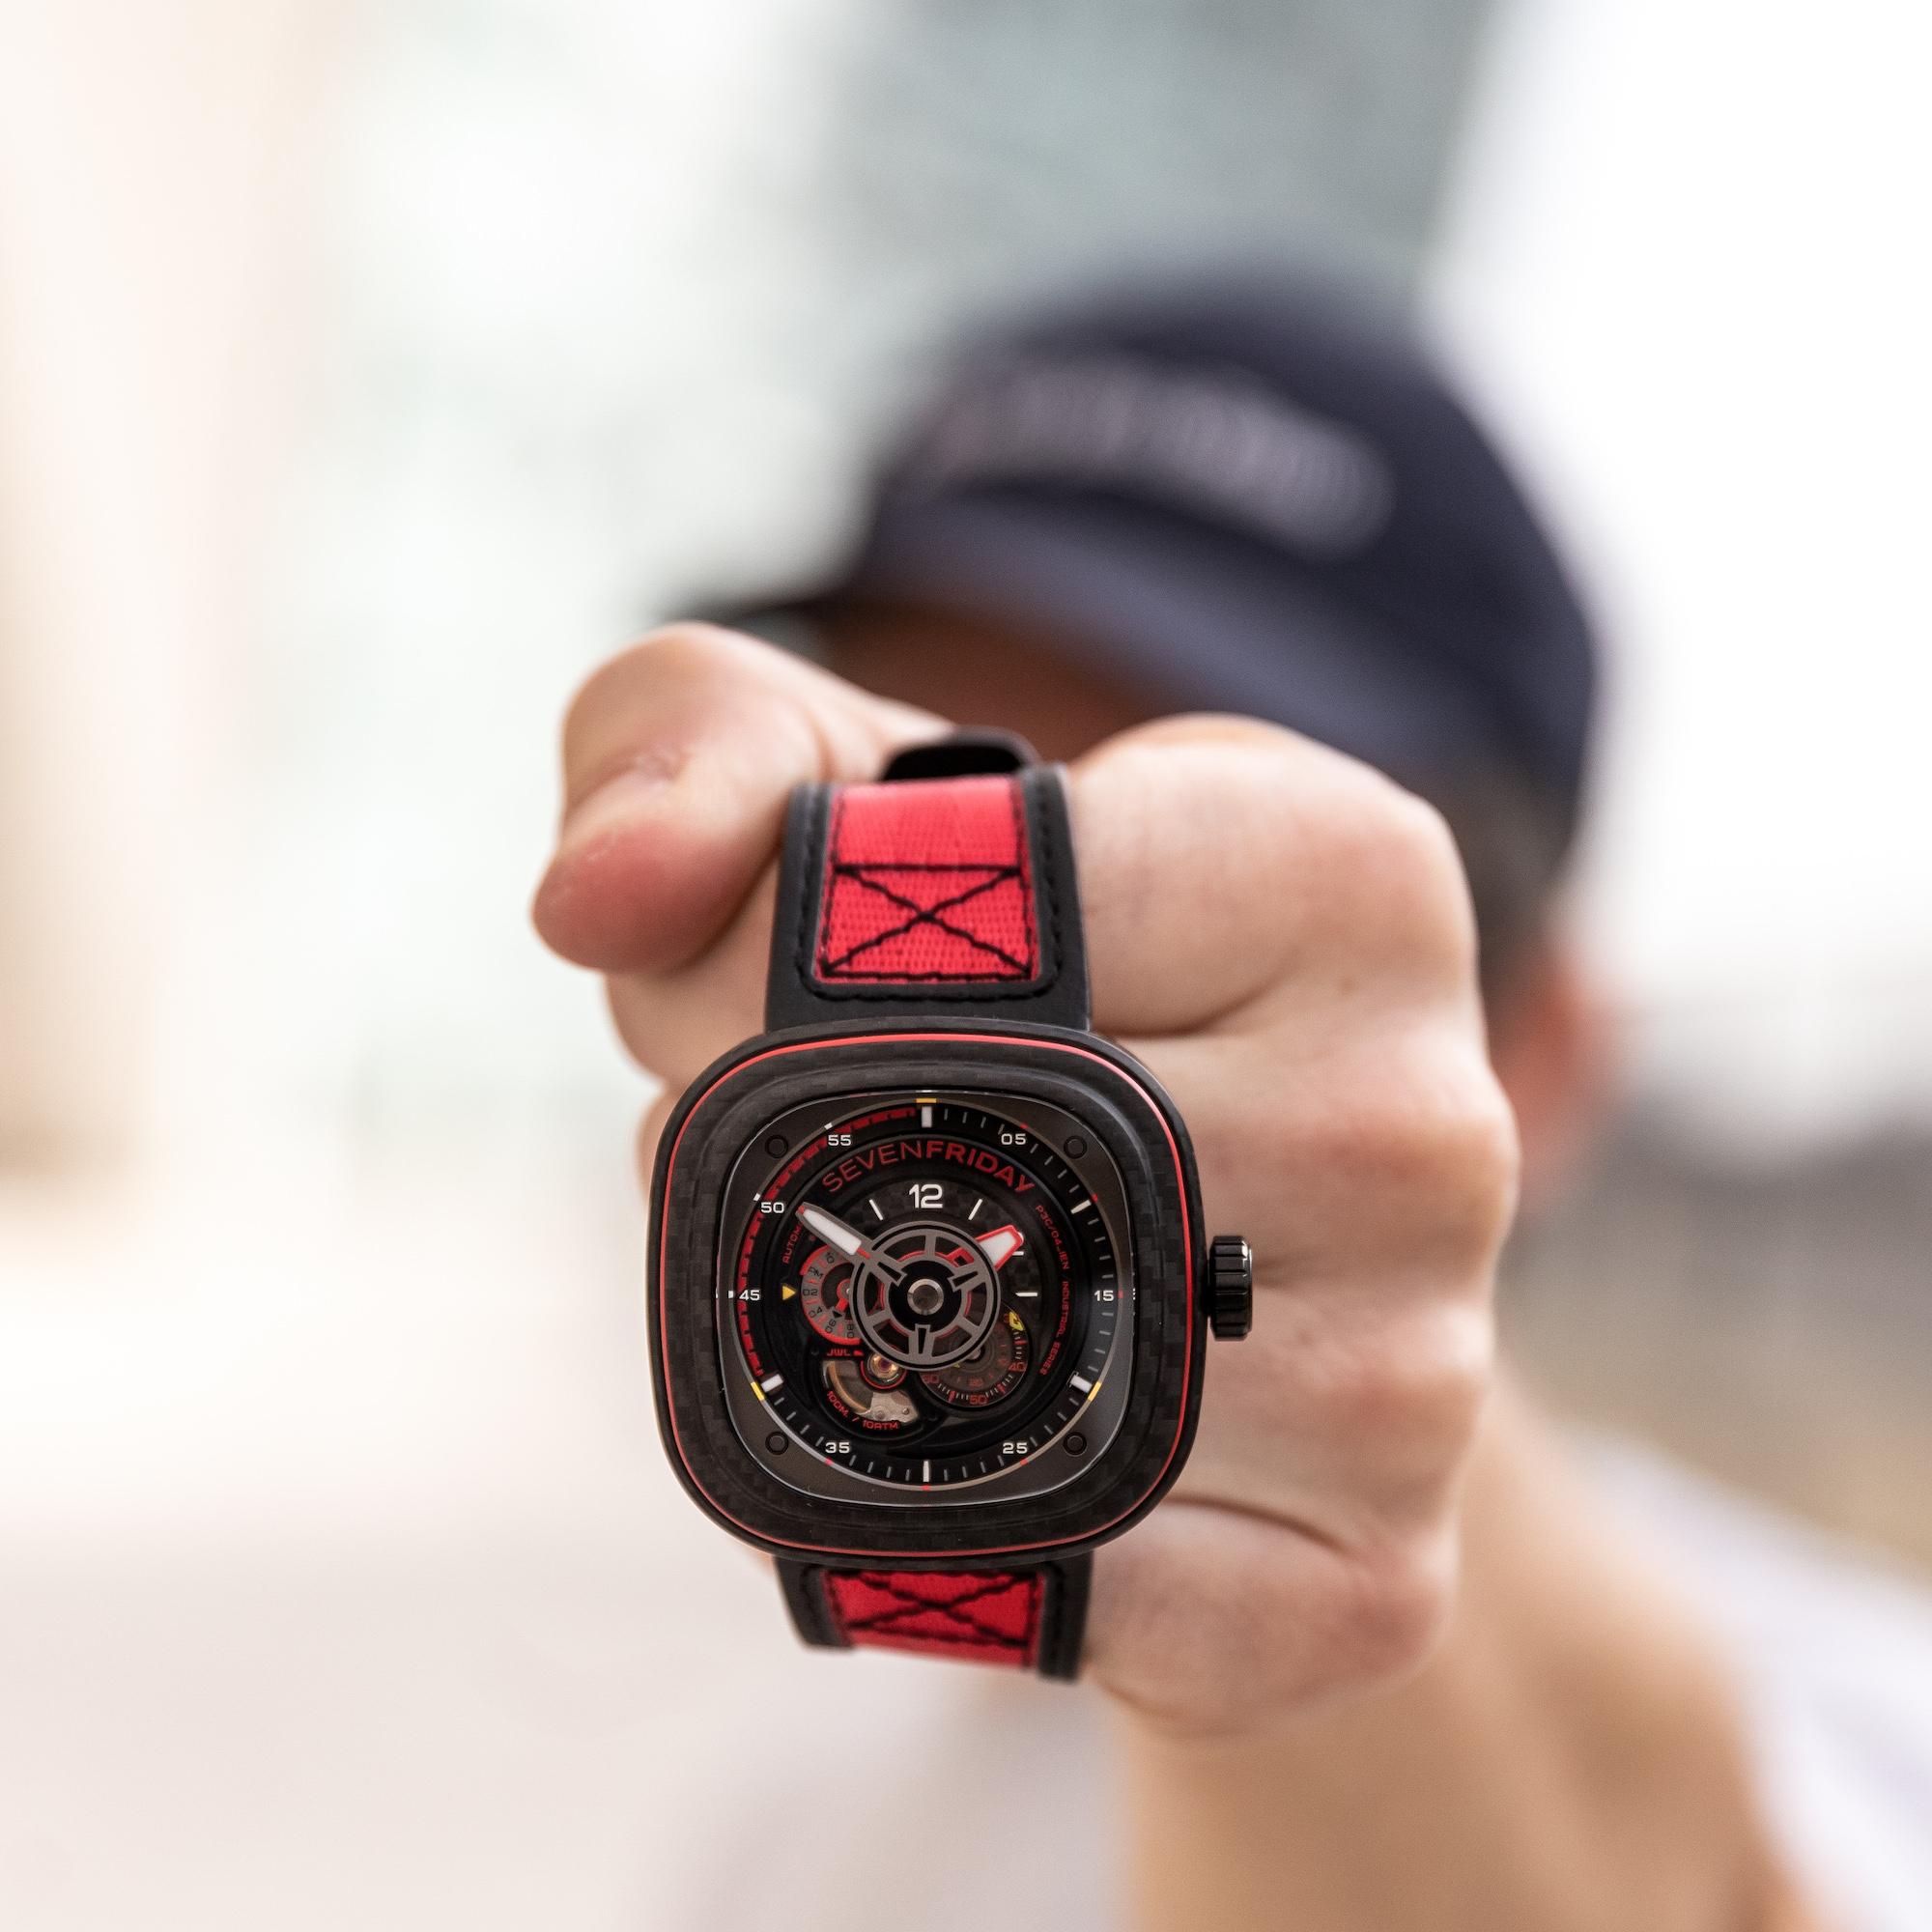 Montre P3C:04 Red Carbon Sevenfriday